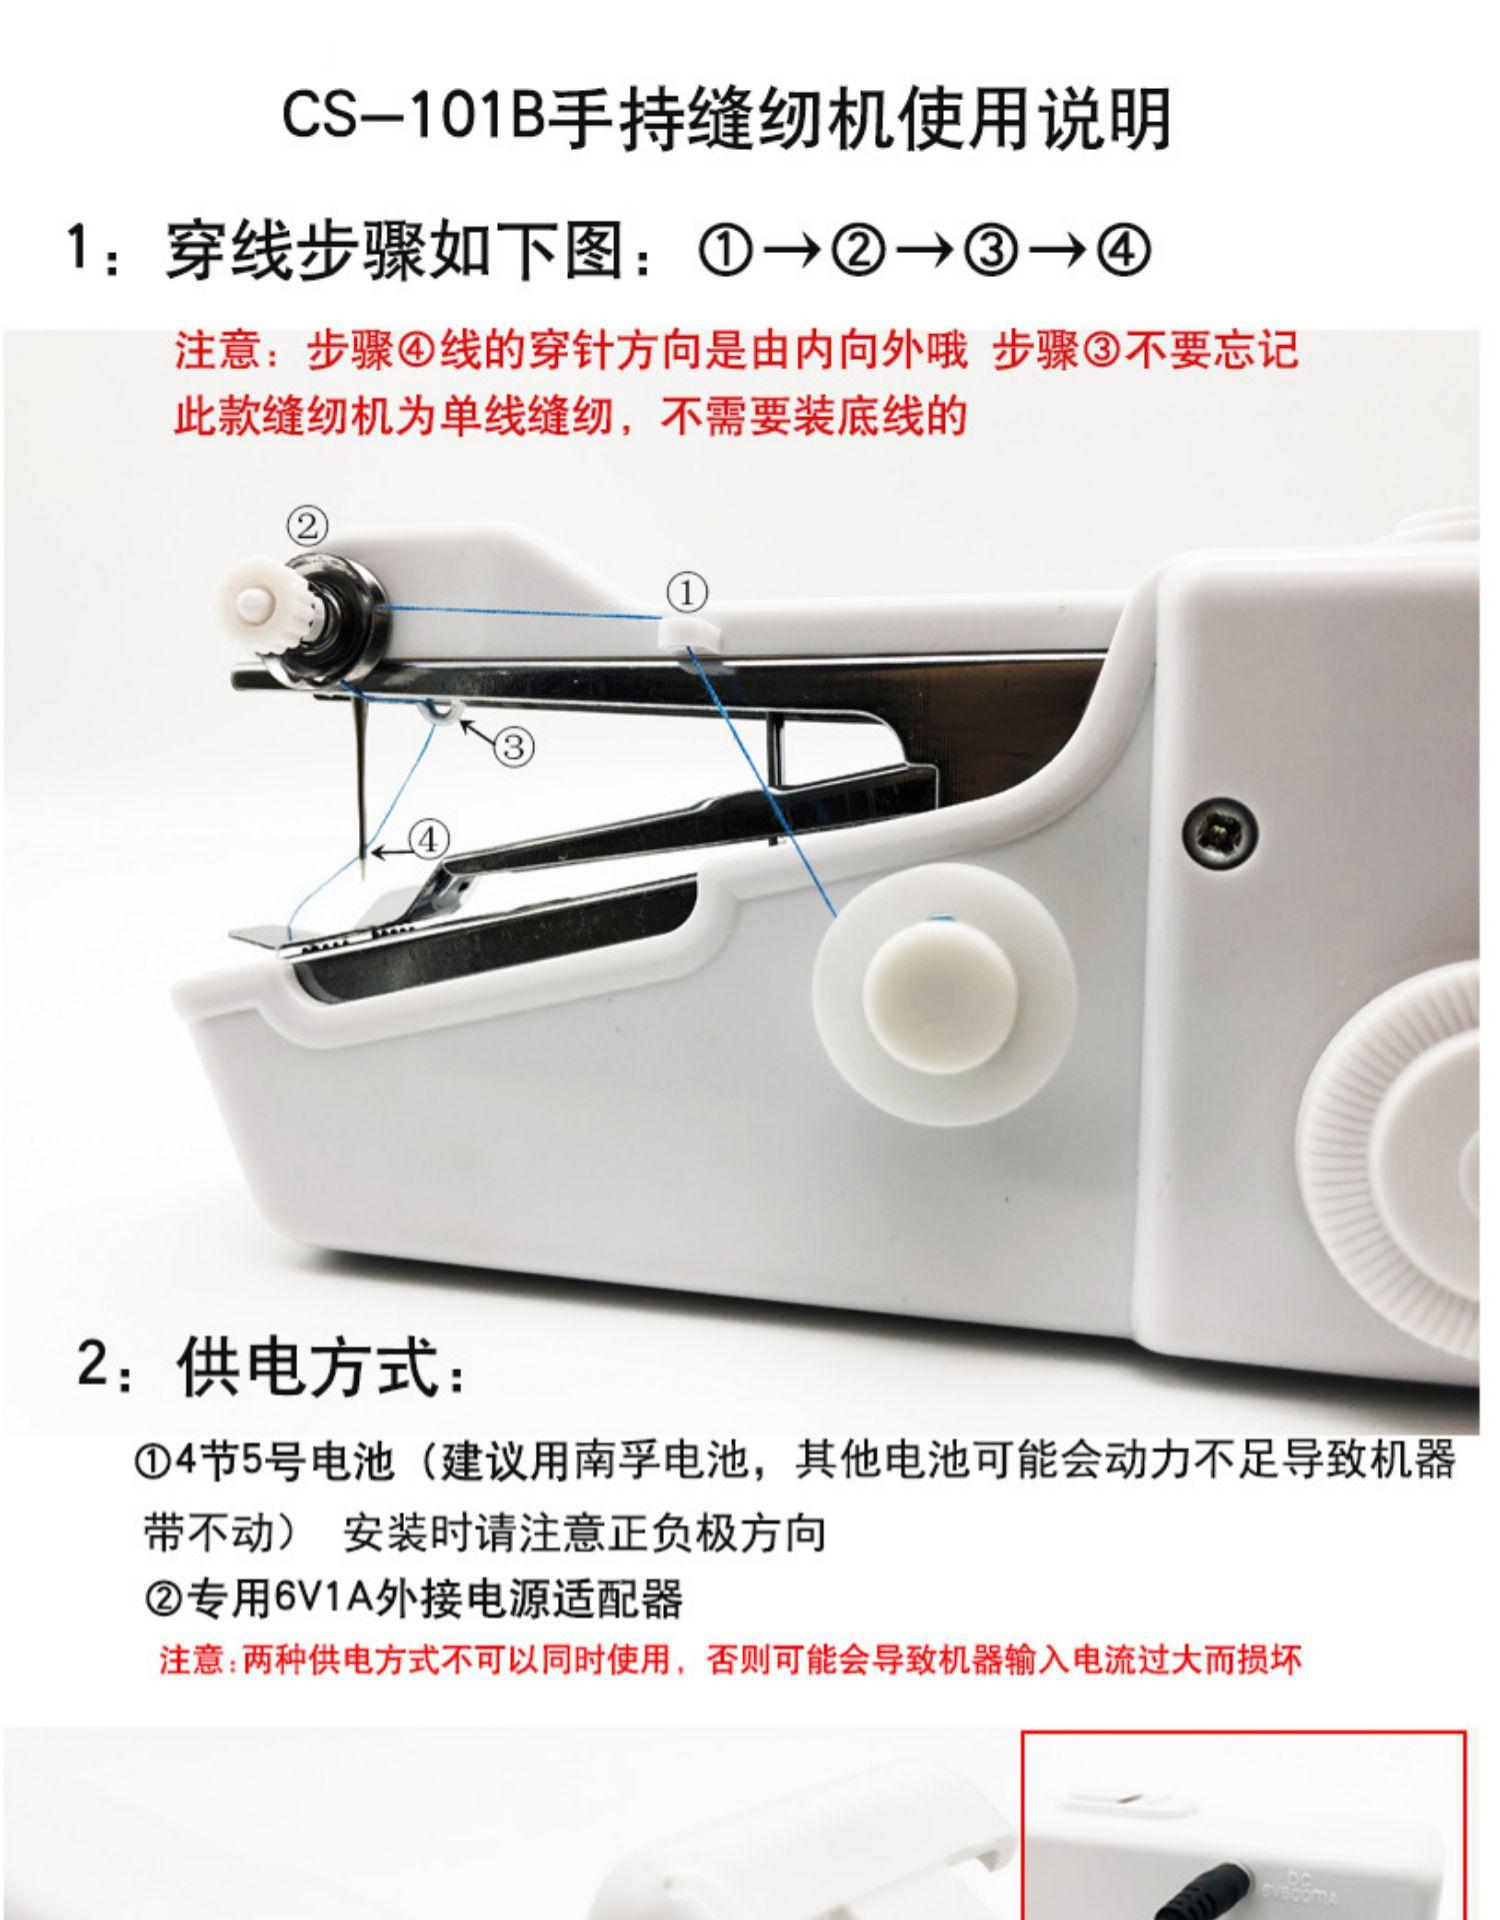 家用手动多功能可携式迷你小型缝纫机简易吃厚手持电动微型手工裁缝详细照片